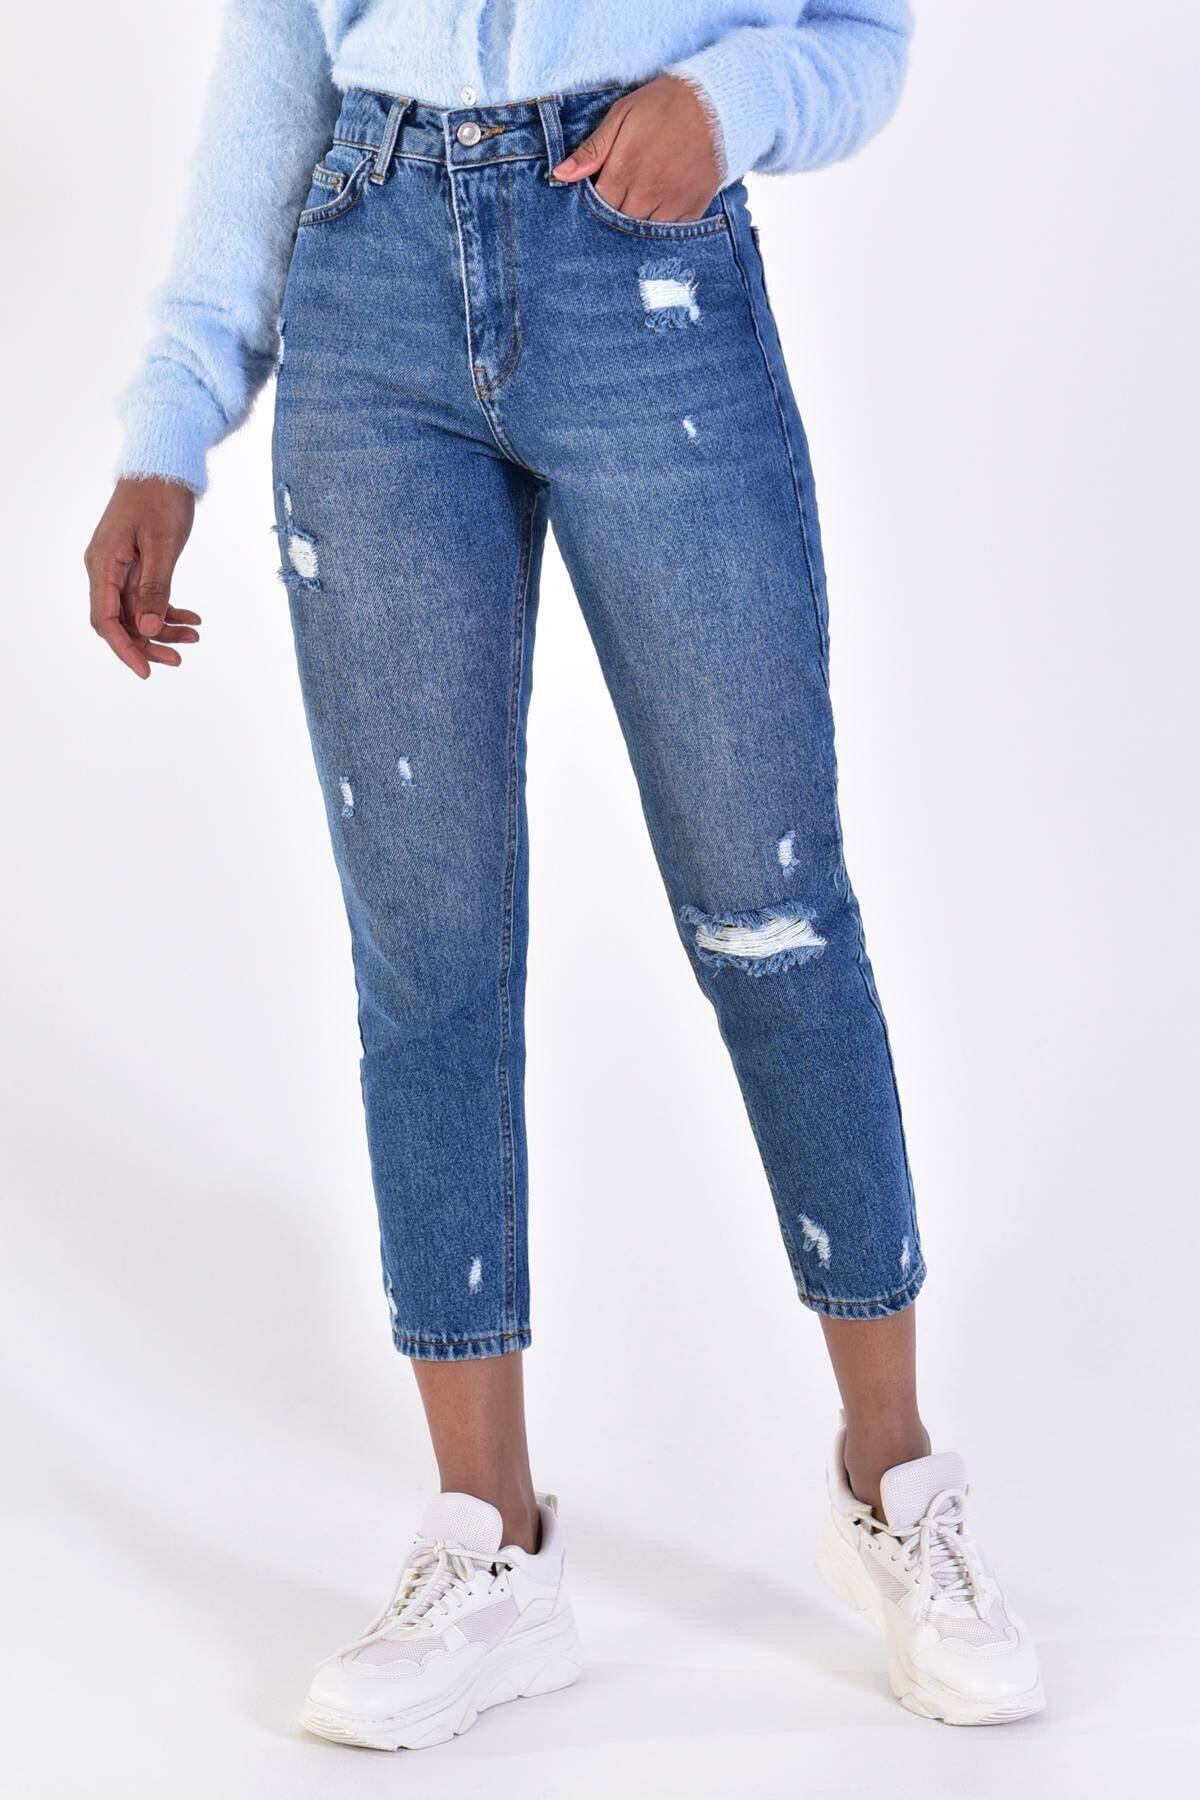 Addax Kadın Kot Rengi Yırtık Detaylı Pantolon 0